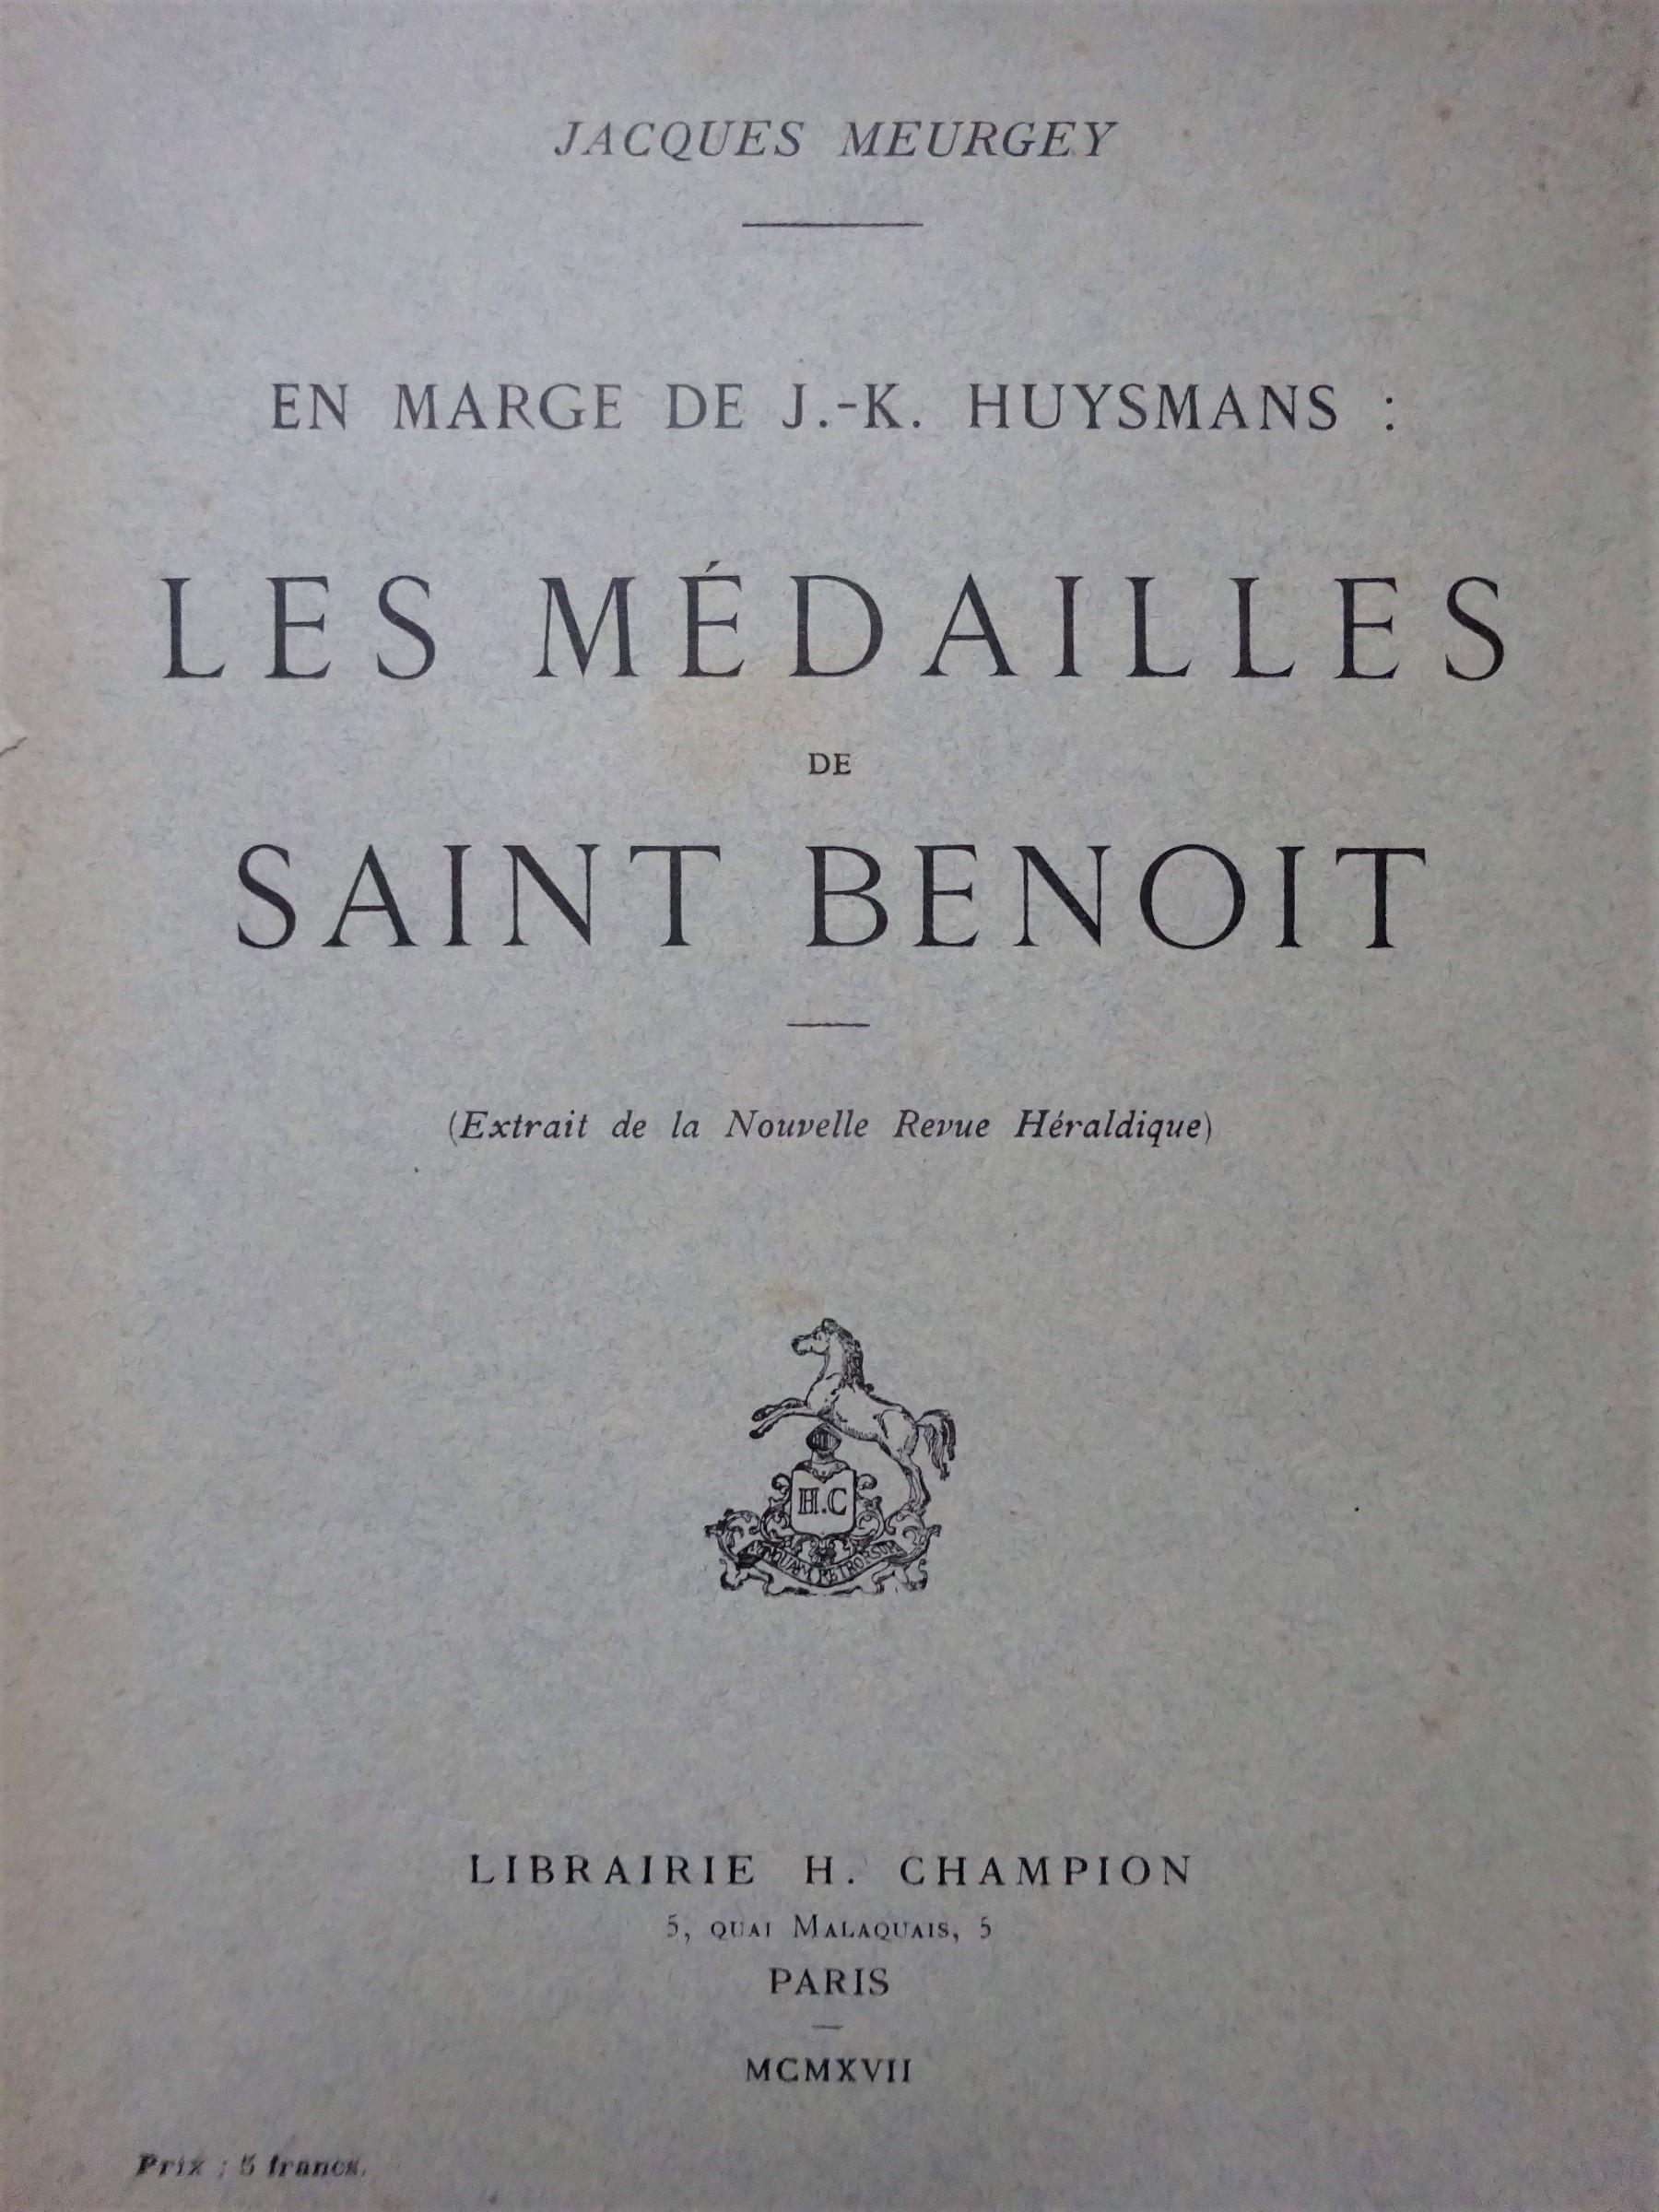 En marge de J.-K.Huysmans : Les médailles de Saint Benoît